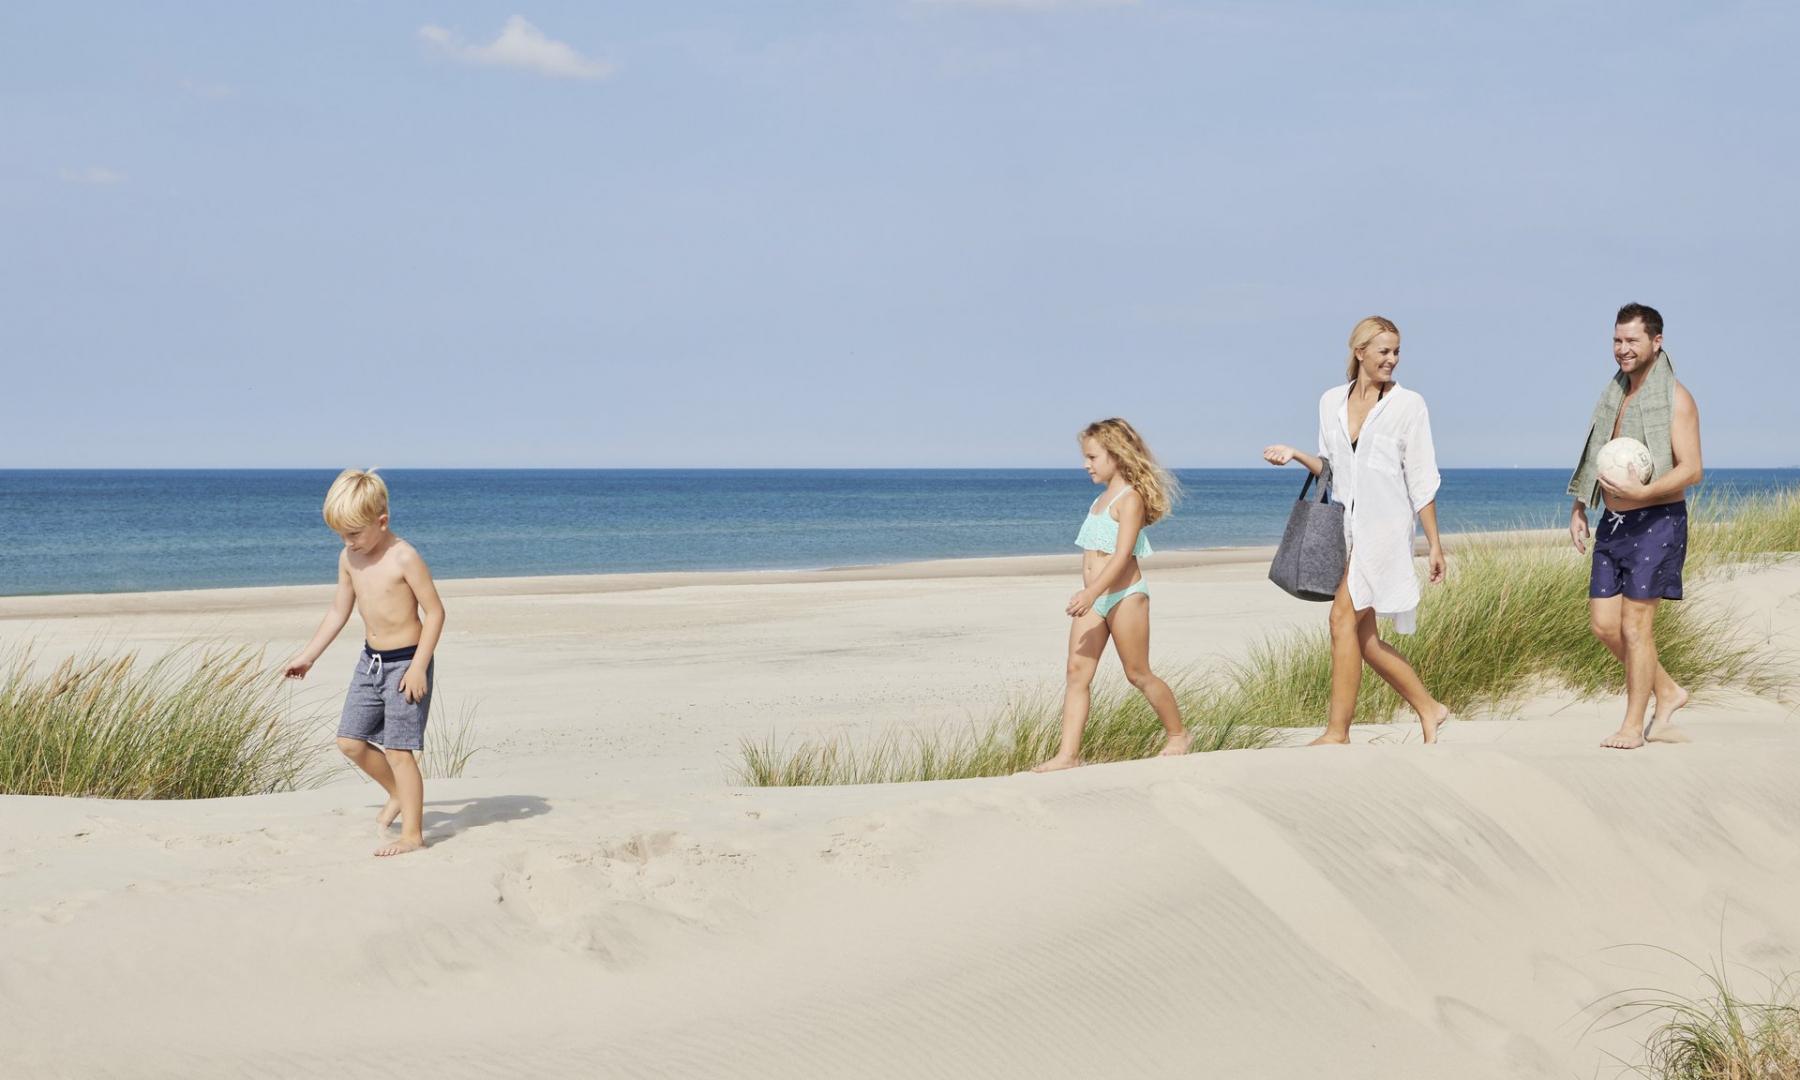 De stranden van Noord-Jutland